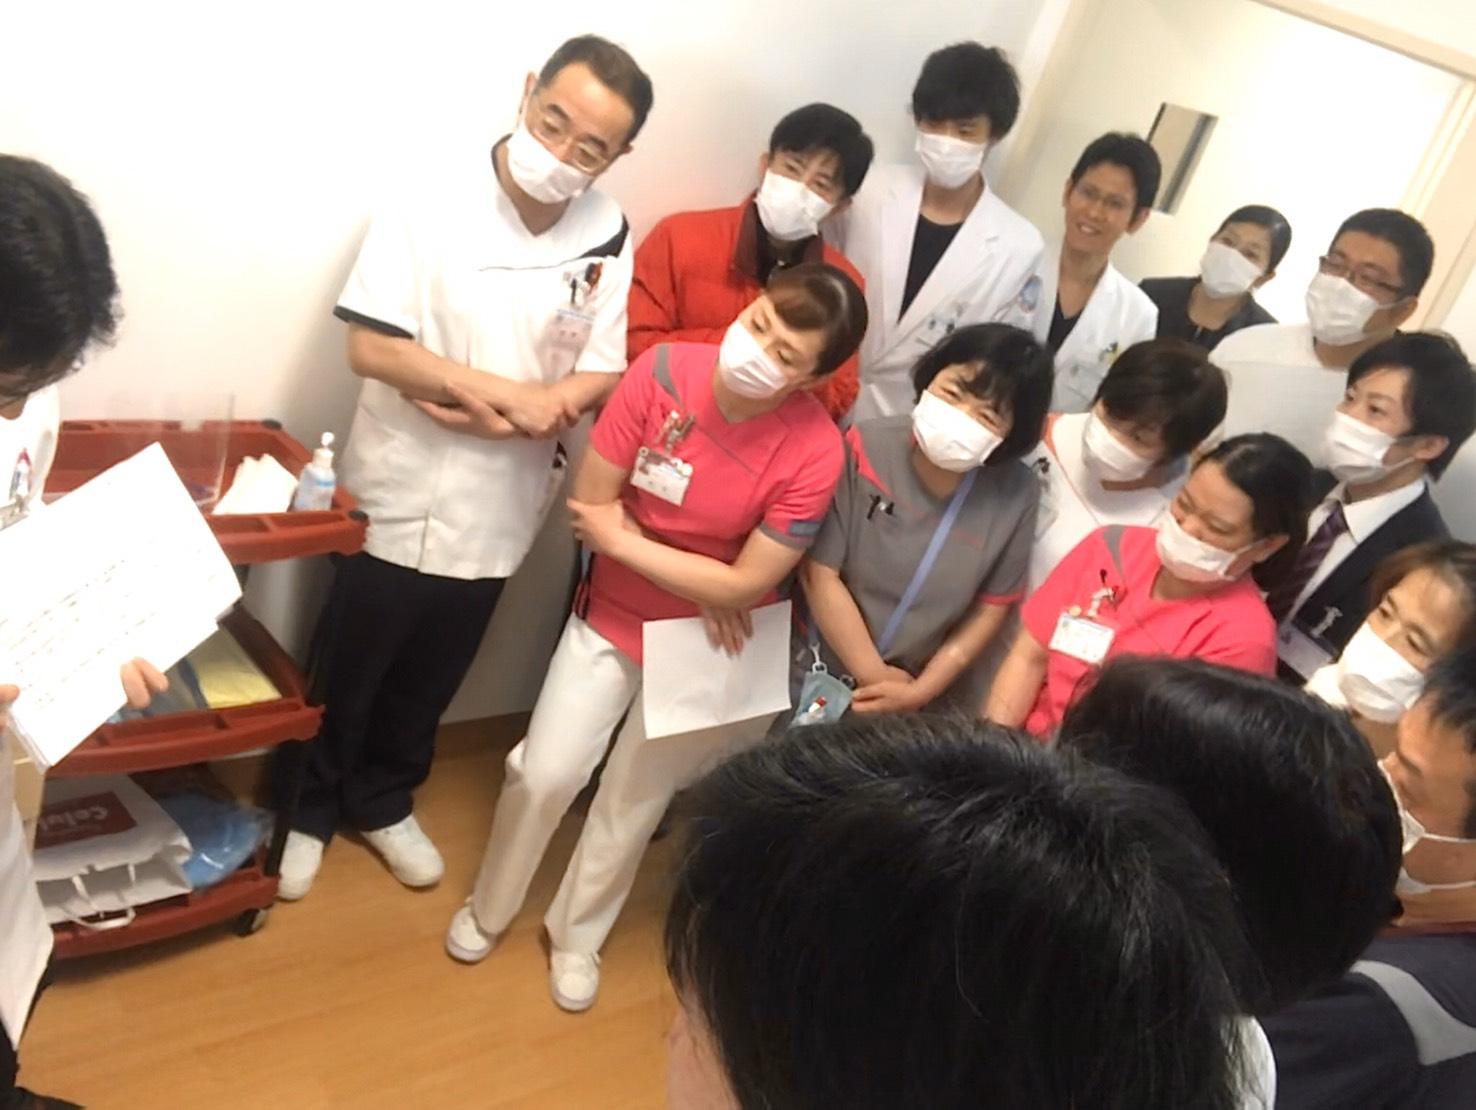 新型コロナウイルス発生時のシュミレーション訓練